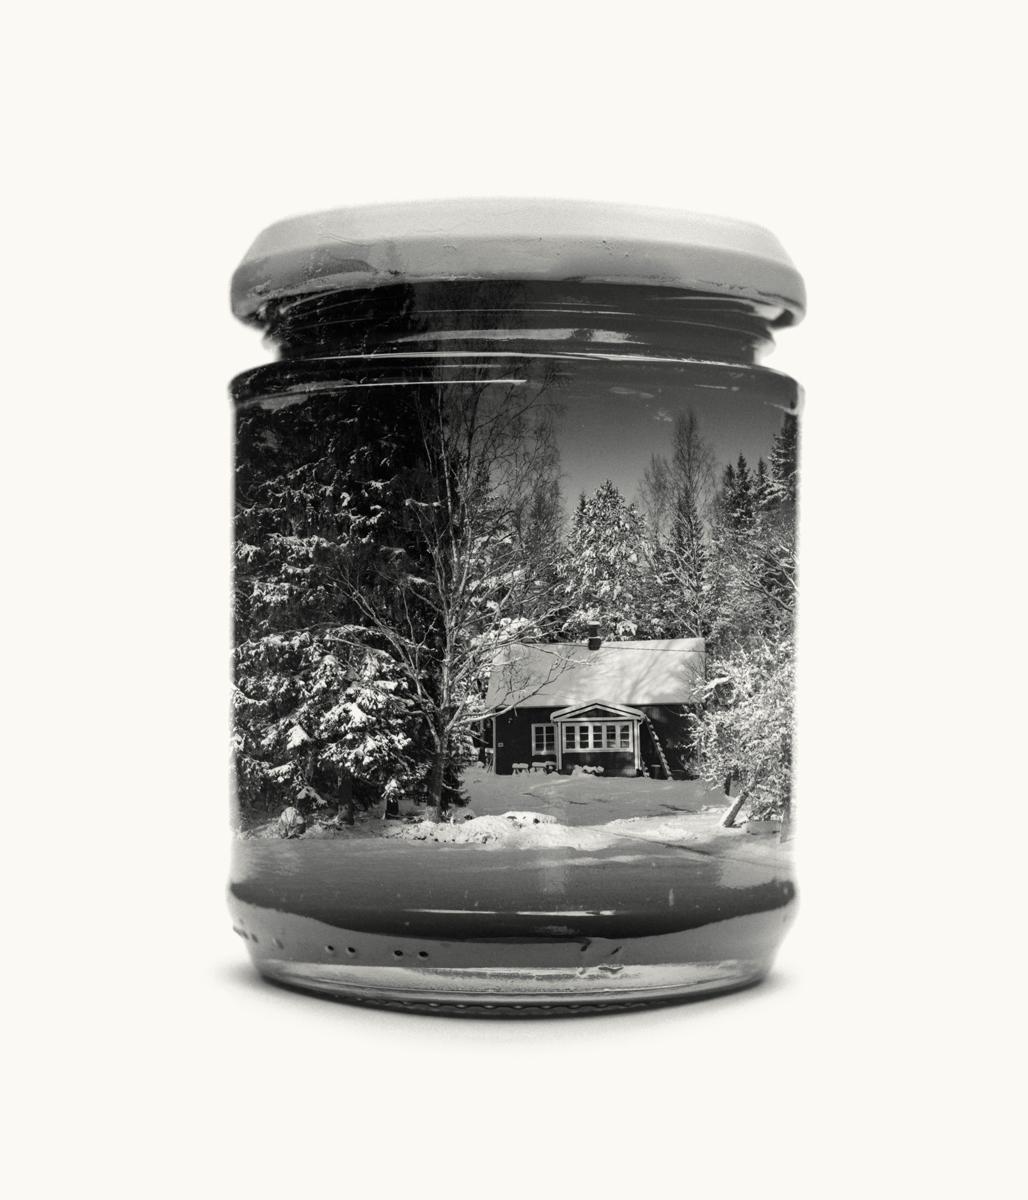 Jarred & Displaced, la Finlandia racchiusa in barattoli di vetro